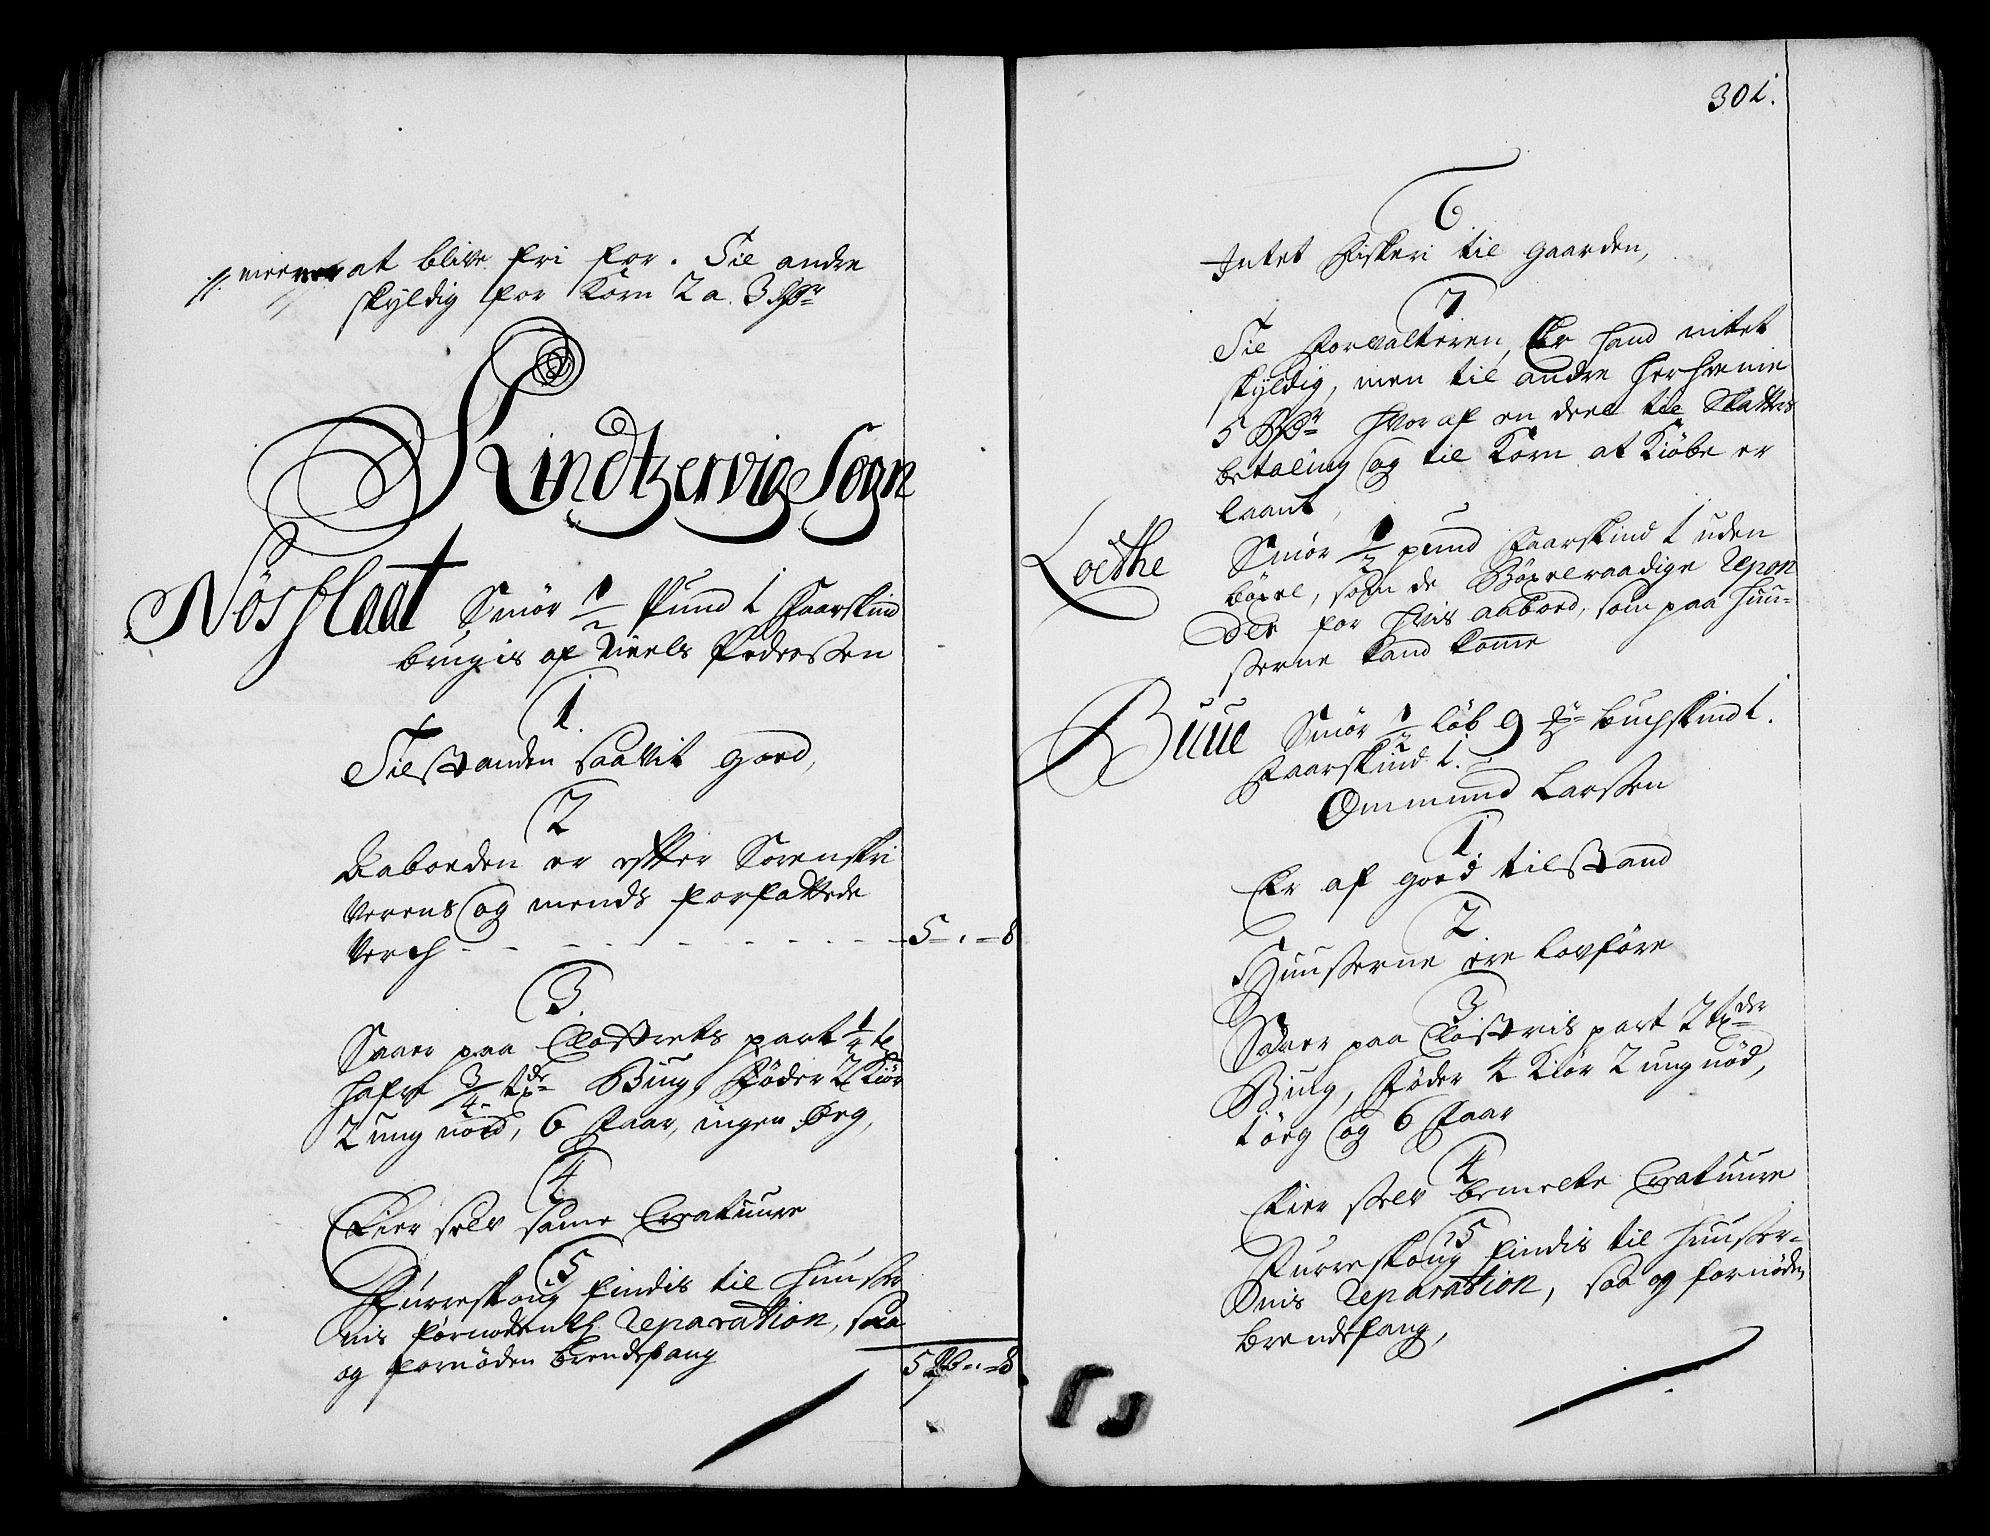 RA, Rentekammeret inntil 1814, Realistisk ordnet avdeling, On/L0003: [Jj 4]: Kommisjonsforretning over Vilhelm Hanssøns forpaktning av Halsnøy klosters gods, 1712-1722, s. 300b-301a